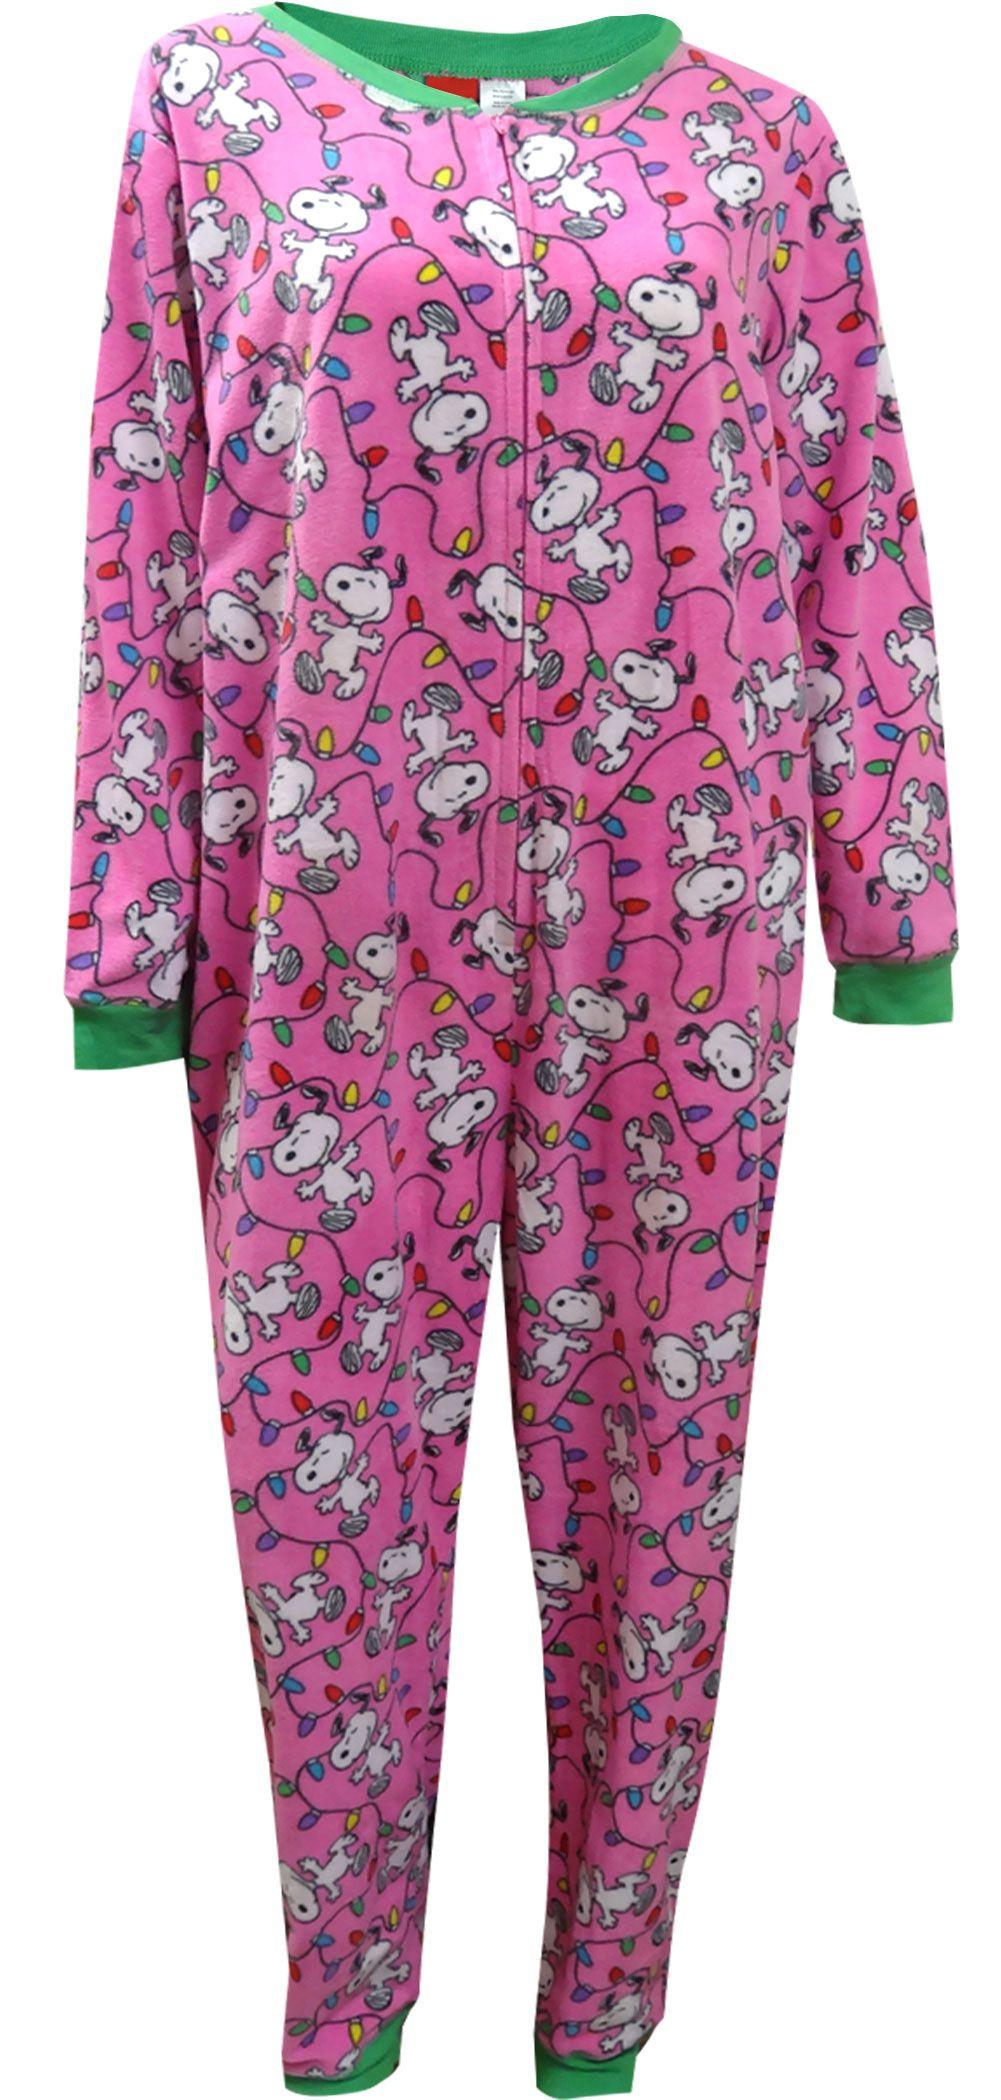 Peanuts Snoopy Christmas Plus Size Onesie Pajama Pajamas